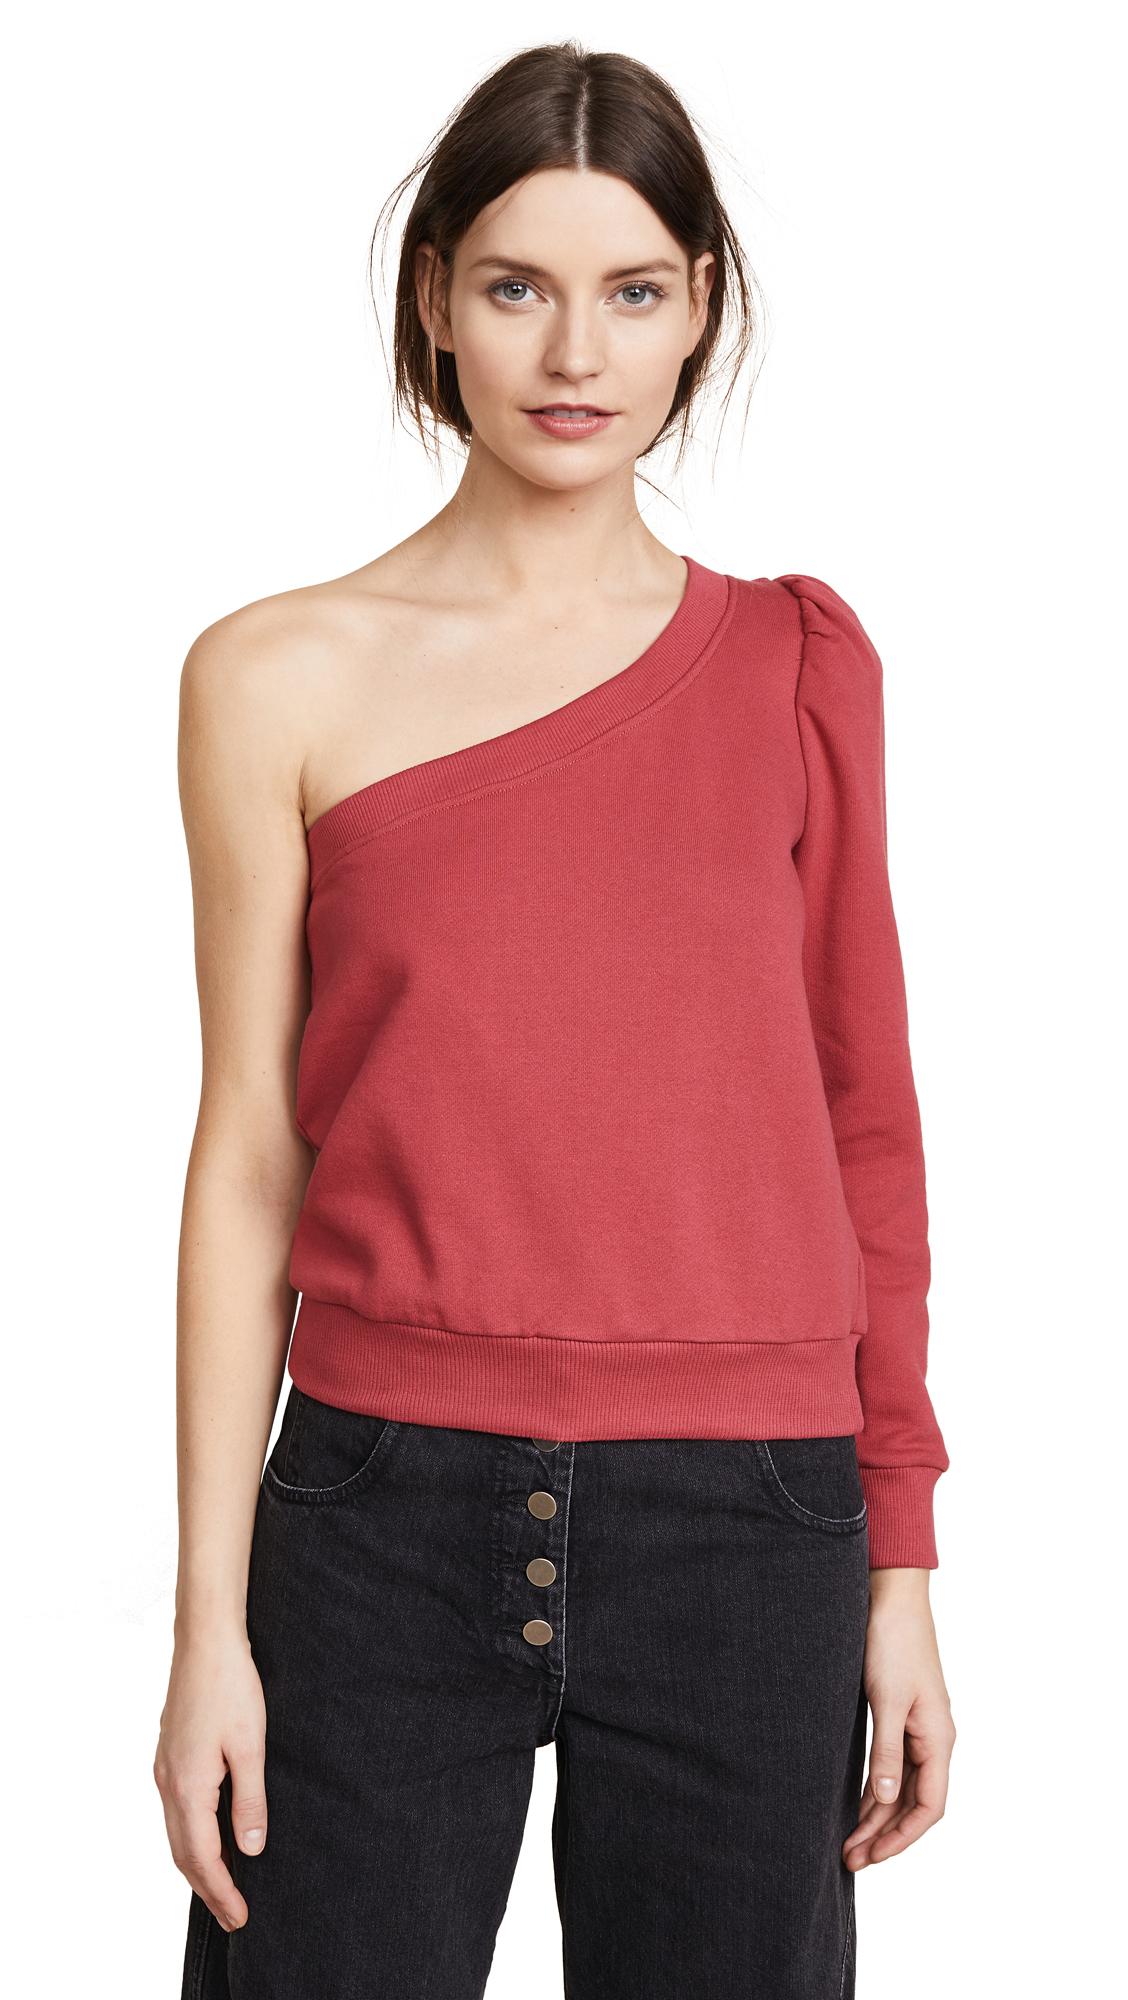 A.L.C. Crane Sweatshirt - Coral